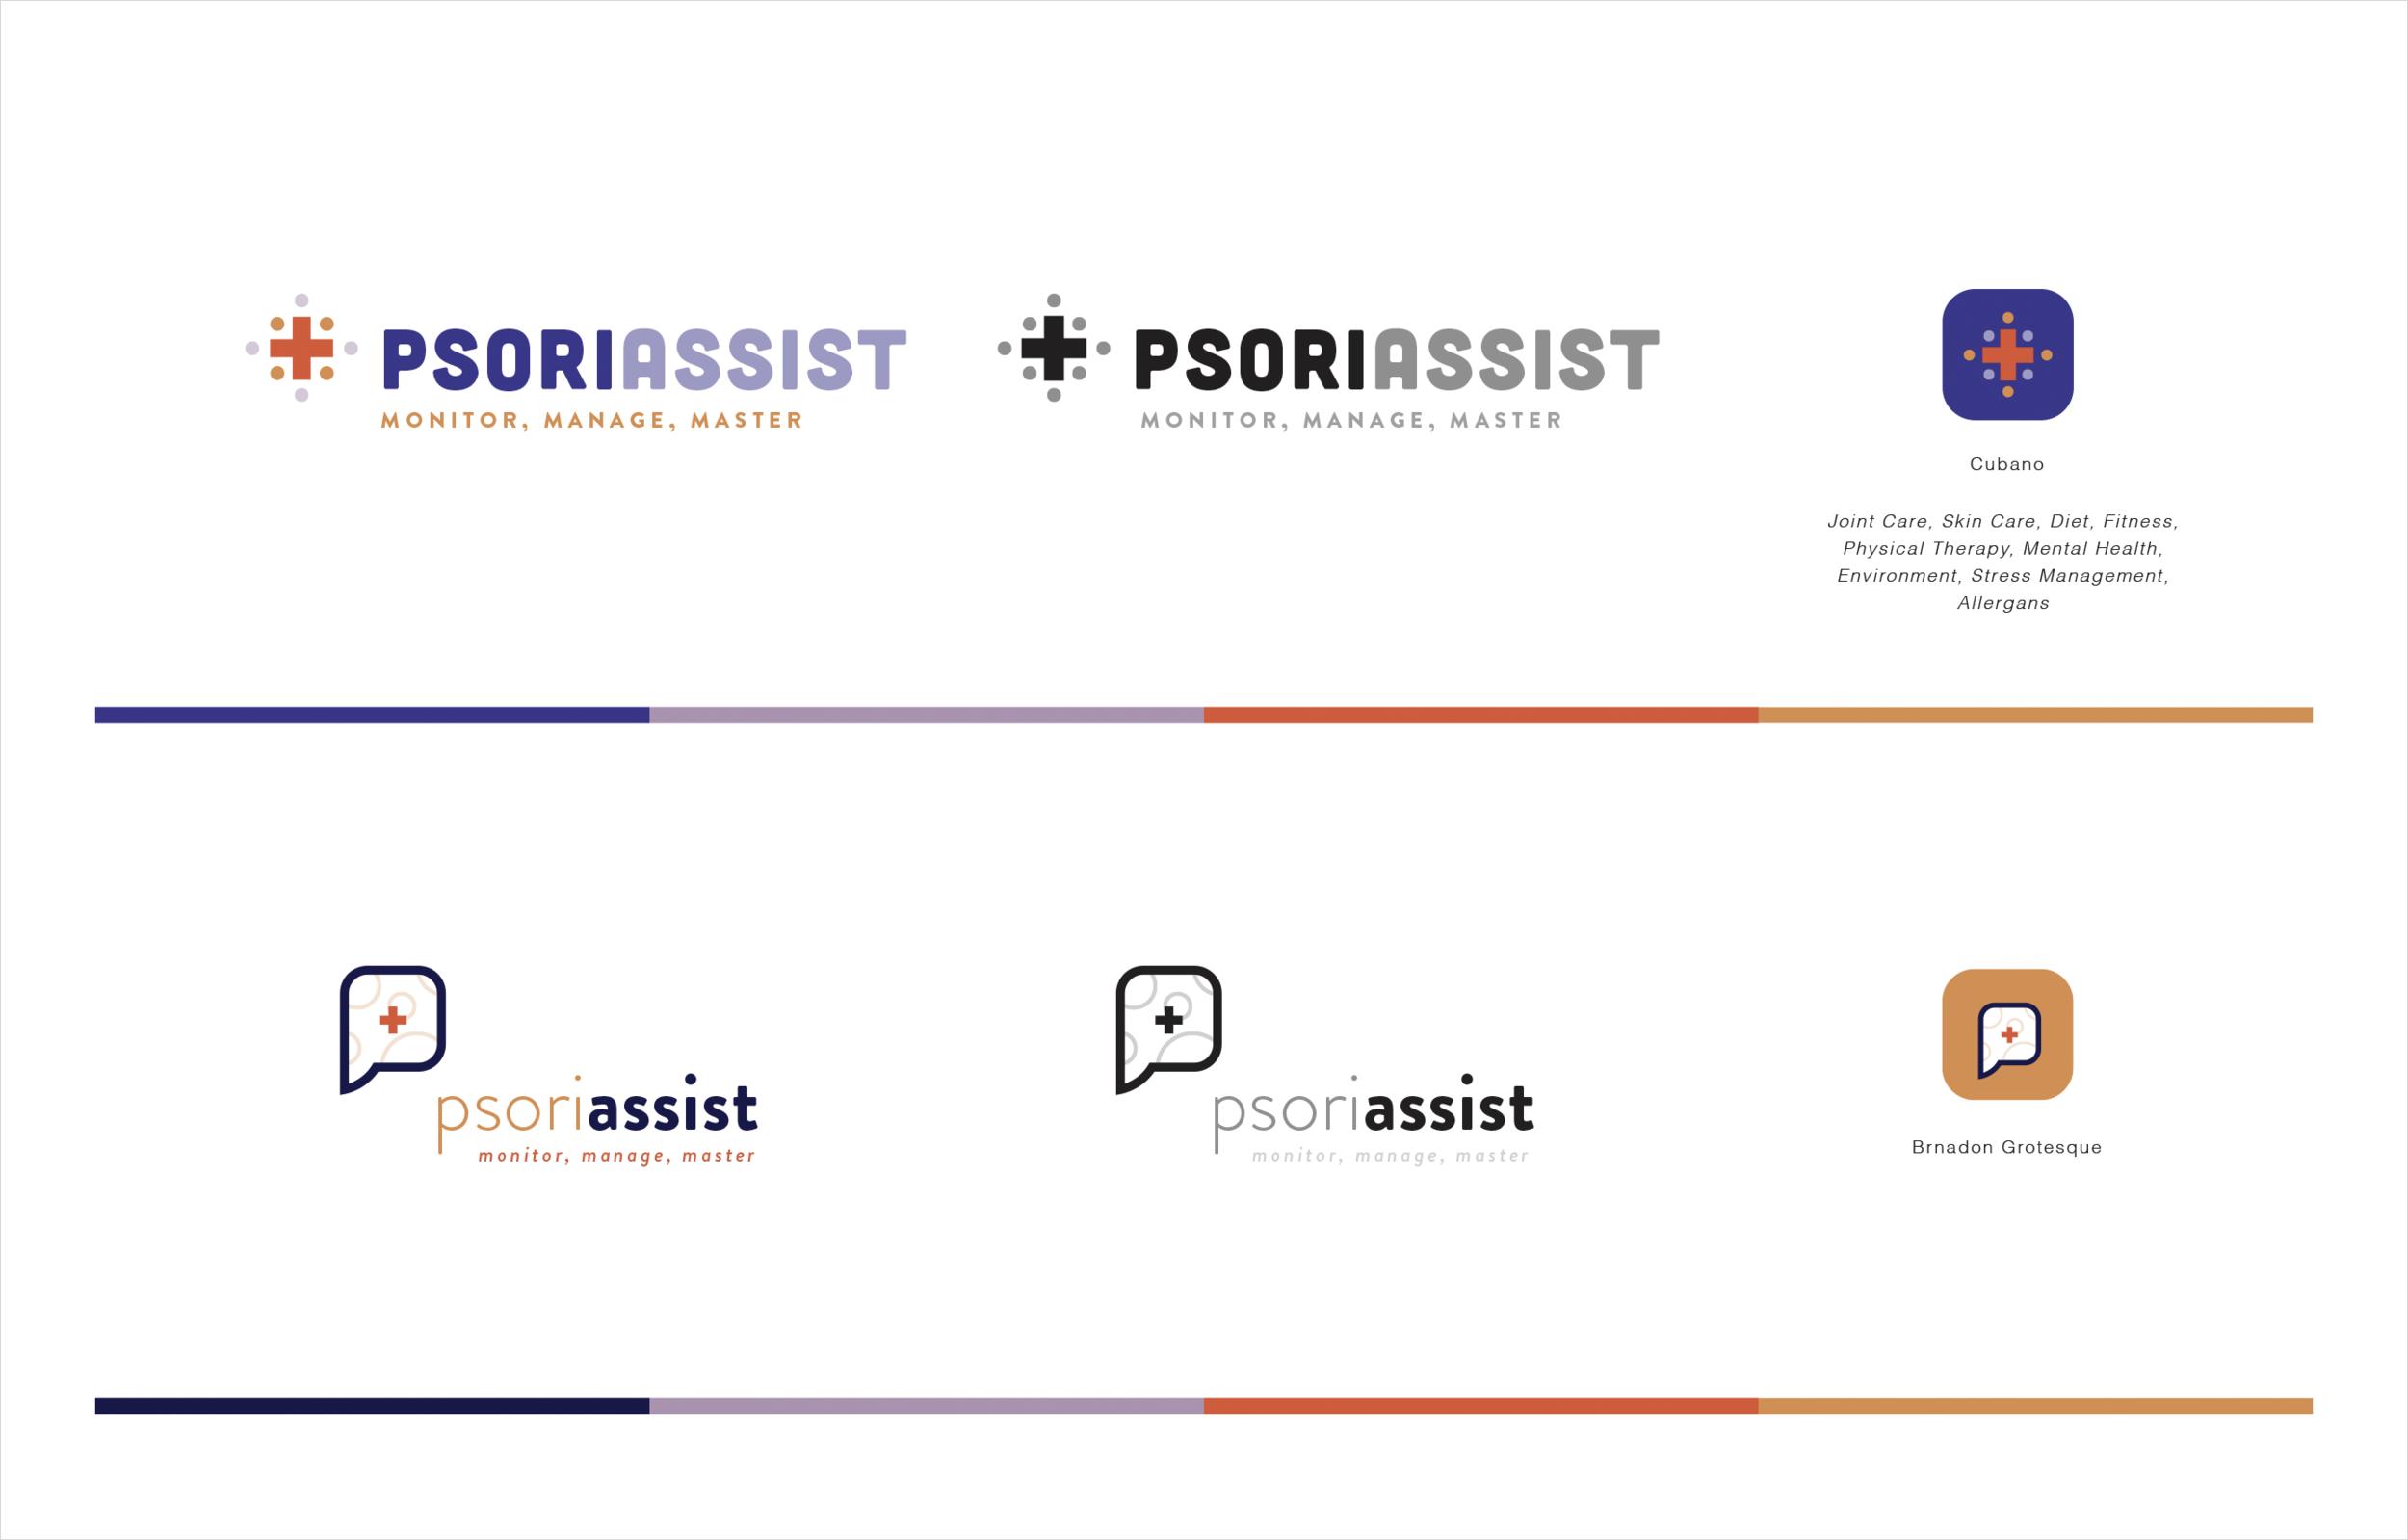 Psoriassist_logos3.png